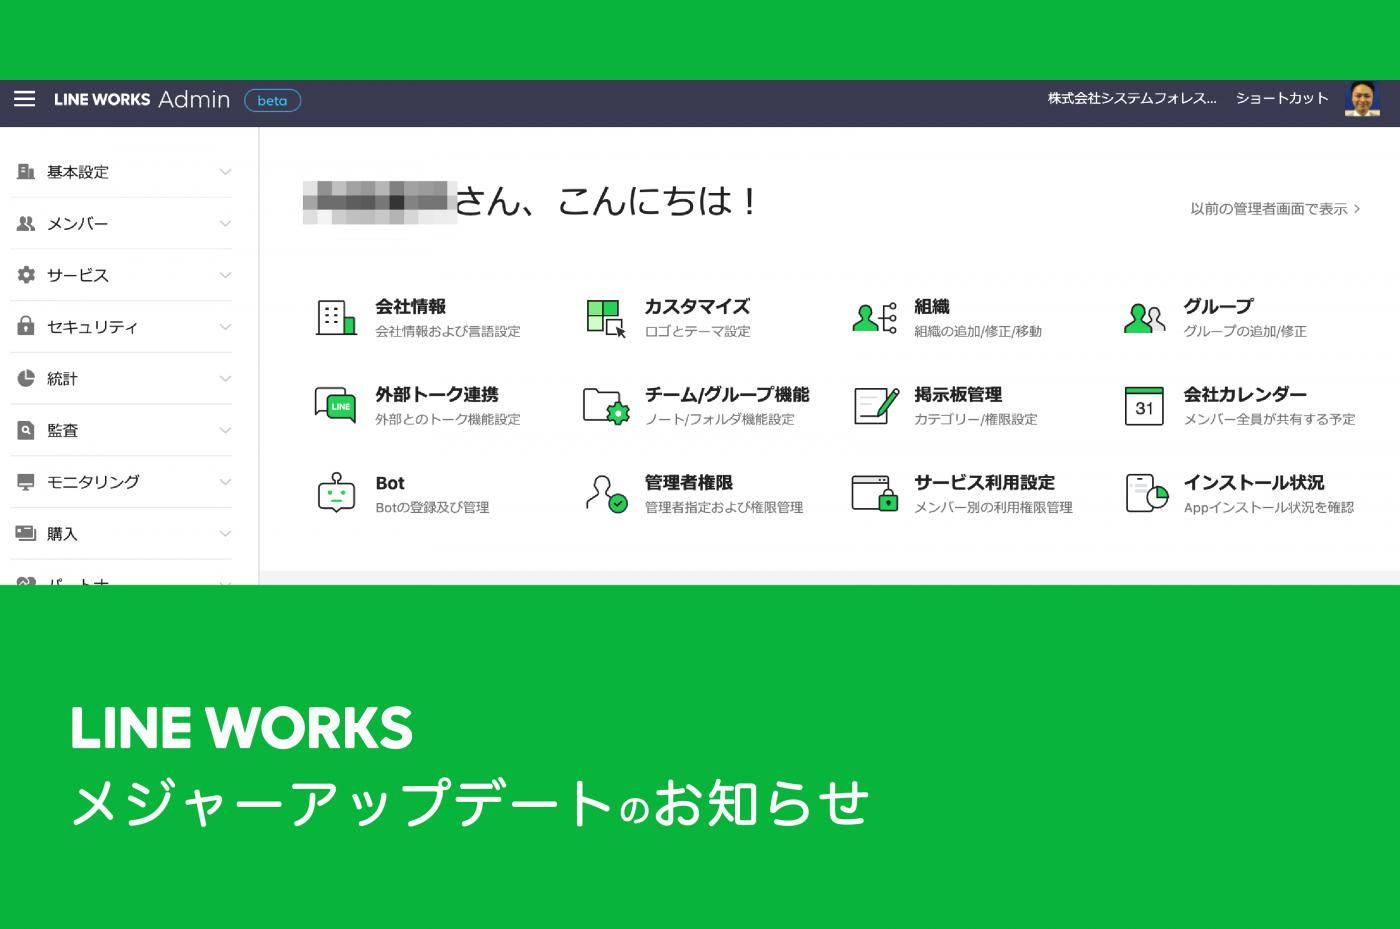 LINEWORKS メジャーアップデートのお知らせ!